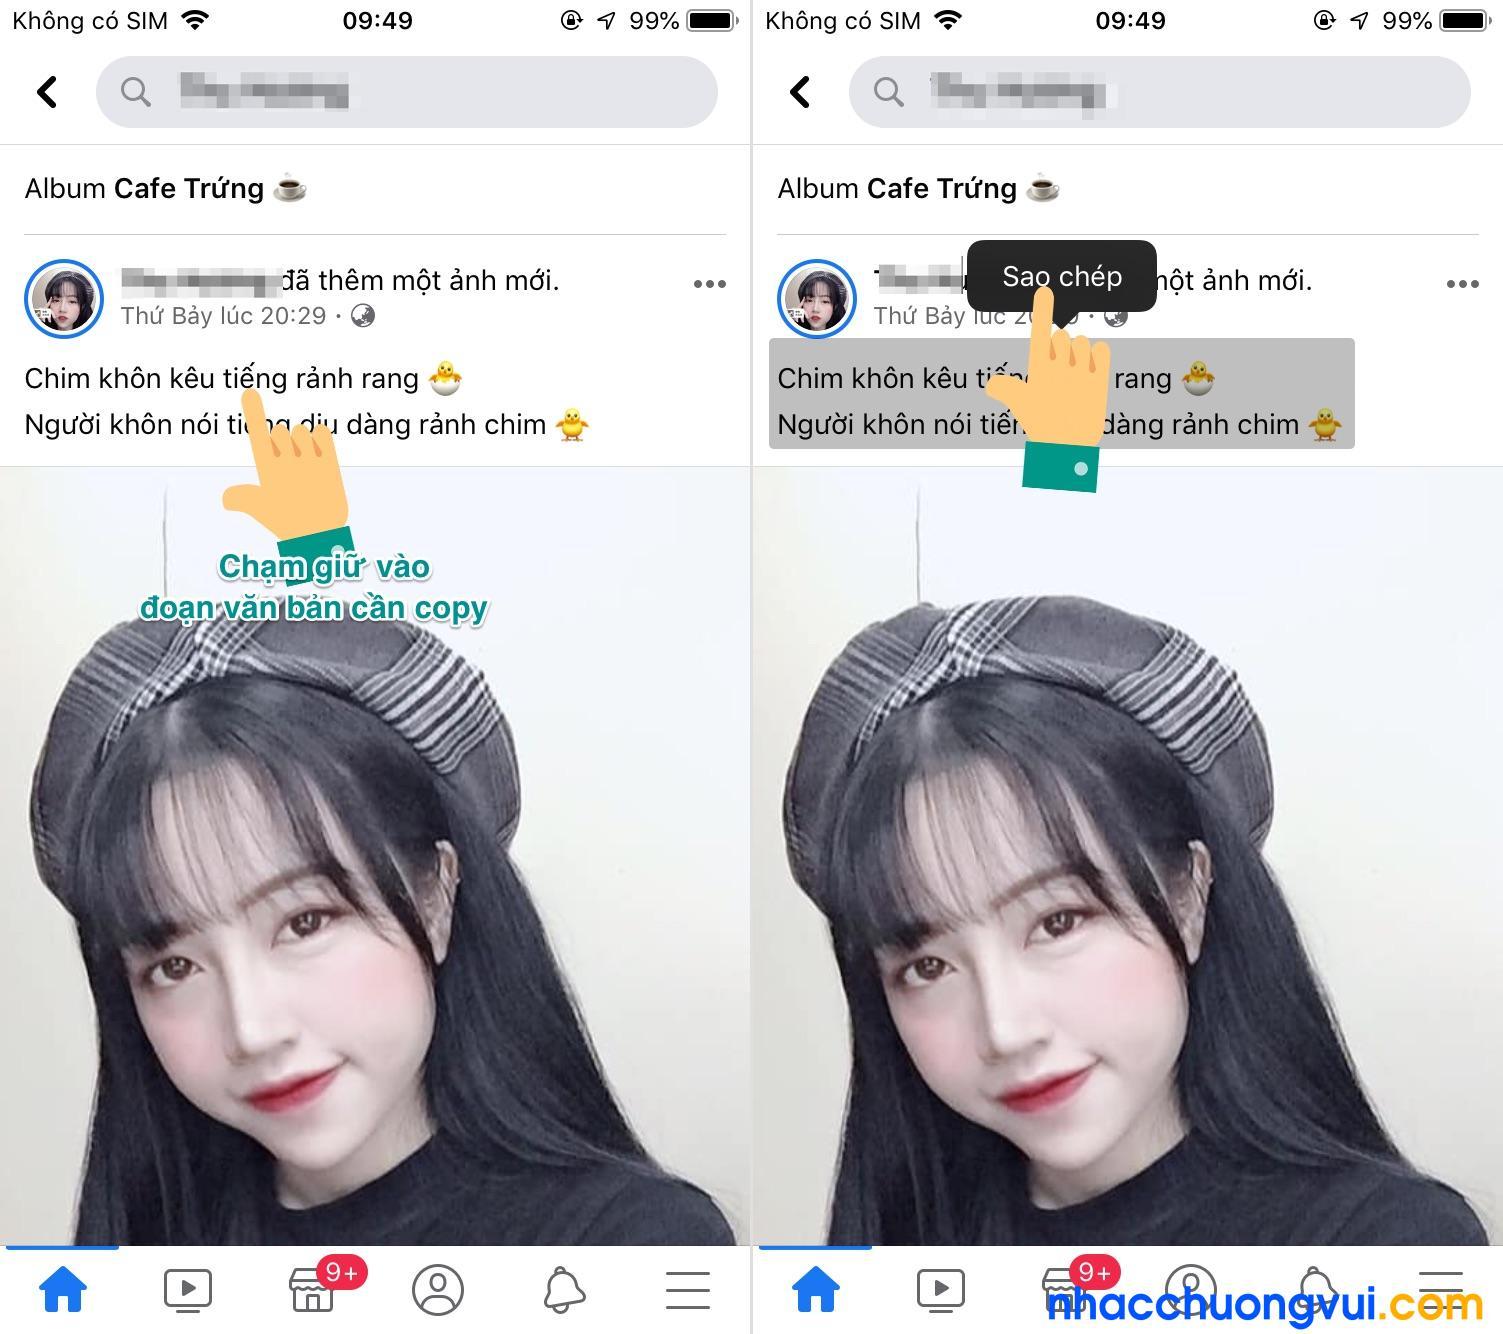 Cách copy bài viết trên Facebook bằng điện thoại iPhone